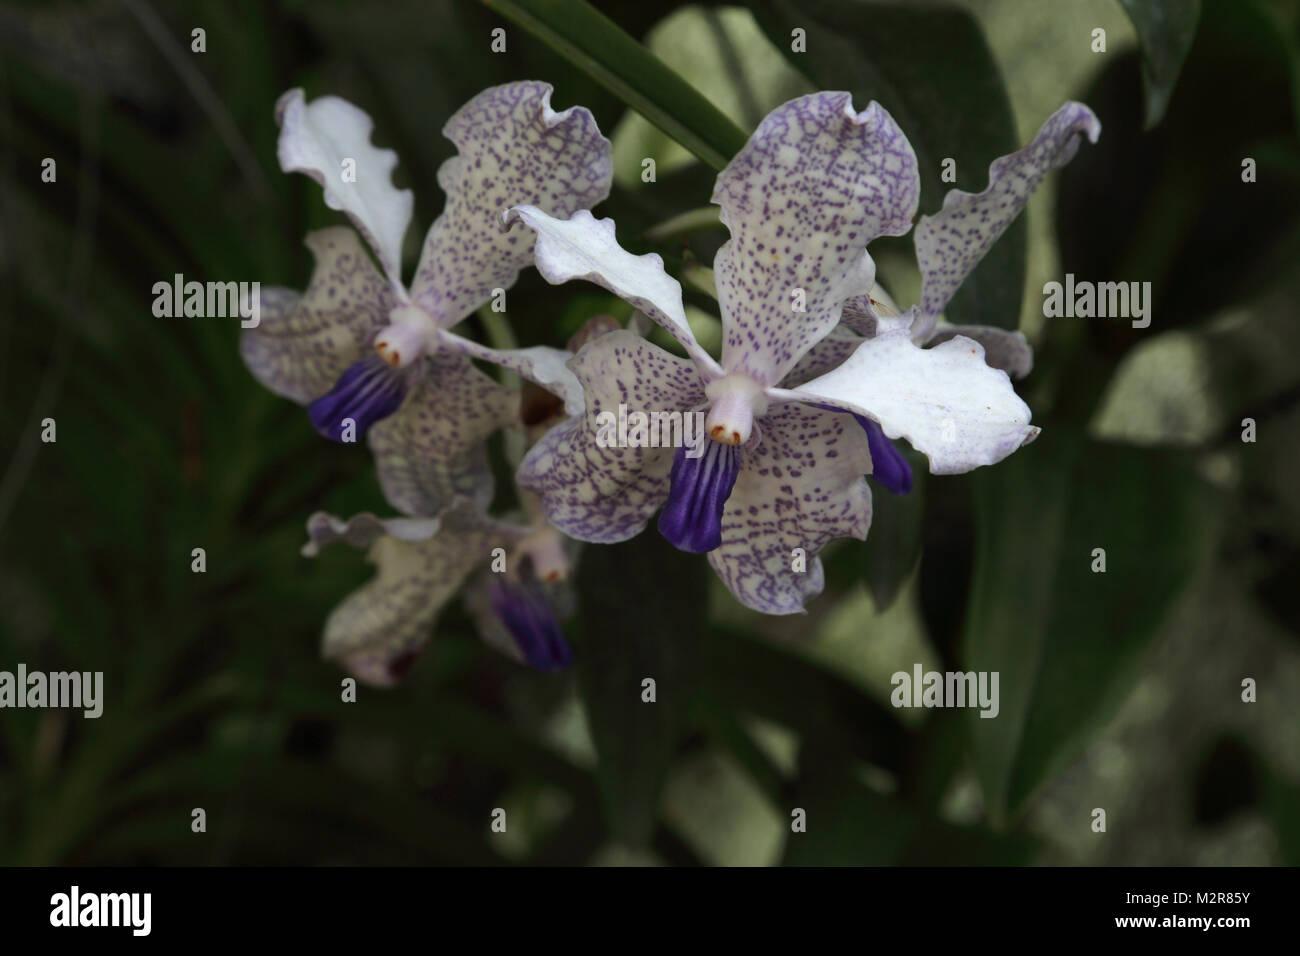 Peradeniya Kandy Central Province Sri Lanka Peradeniya Royal Botanic Gardens Orchid House - Stock Image